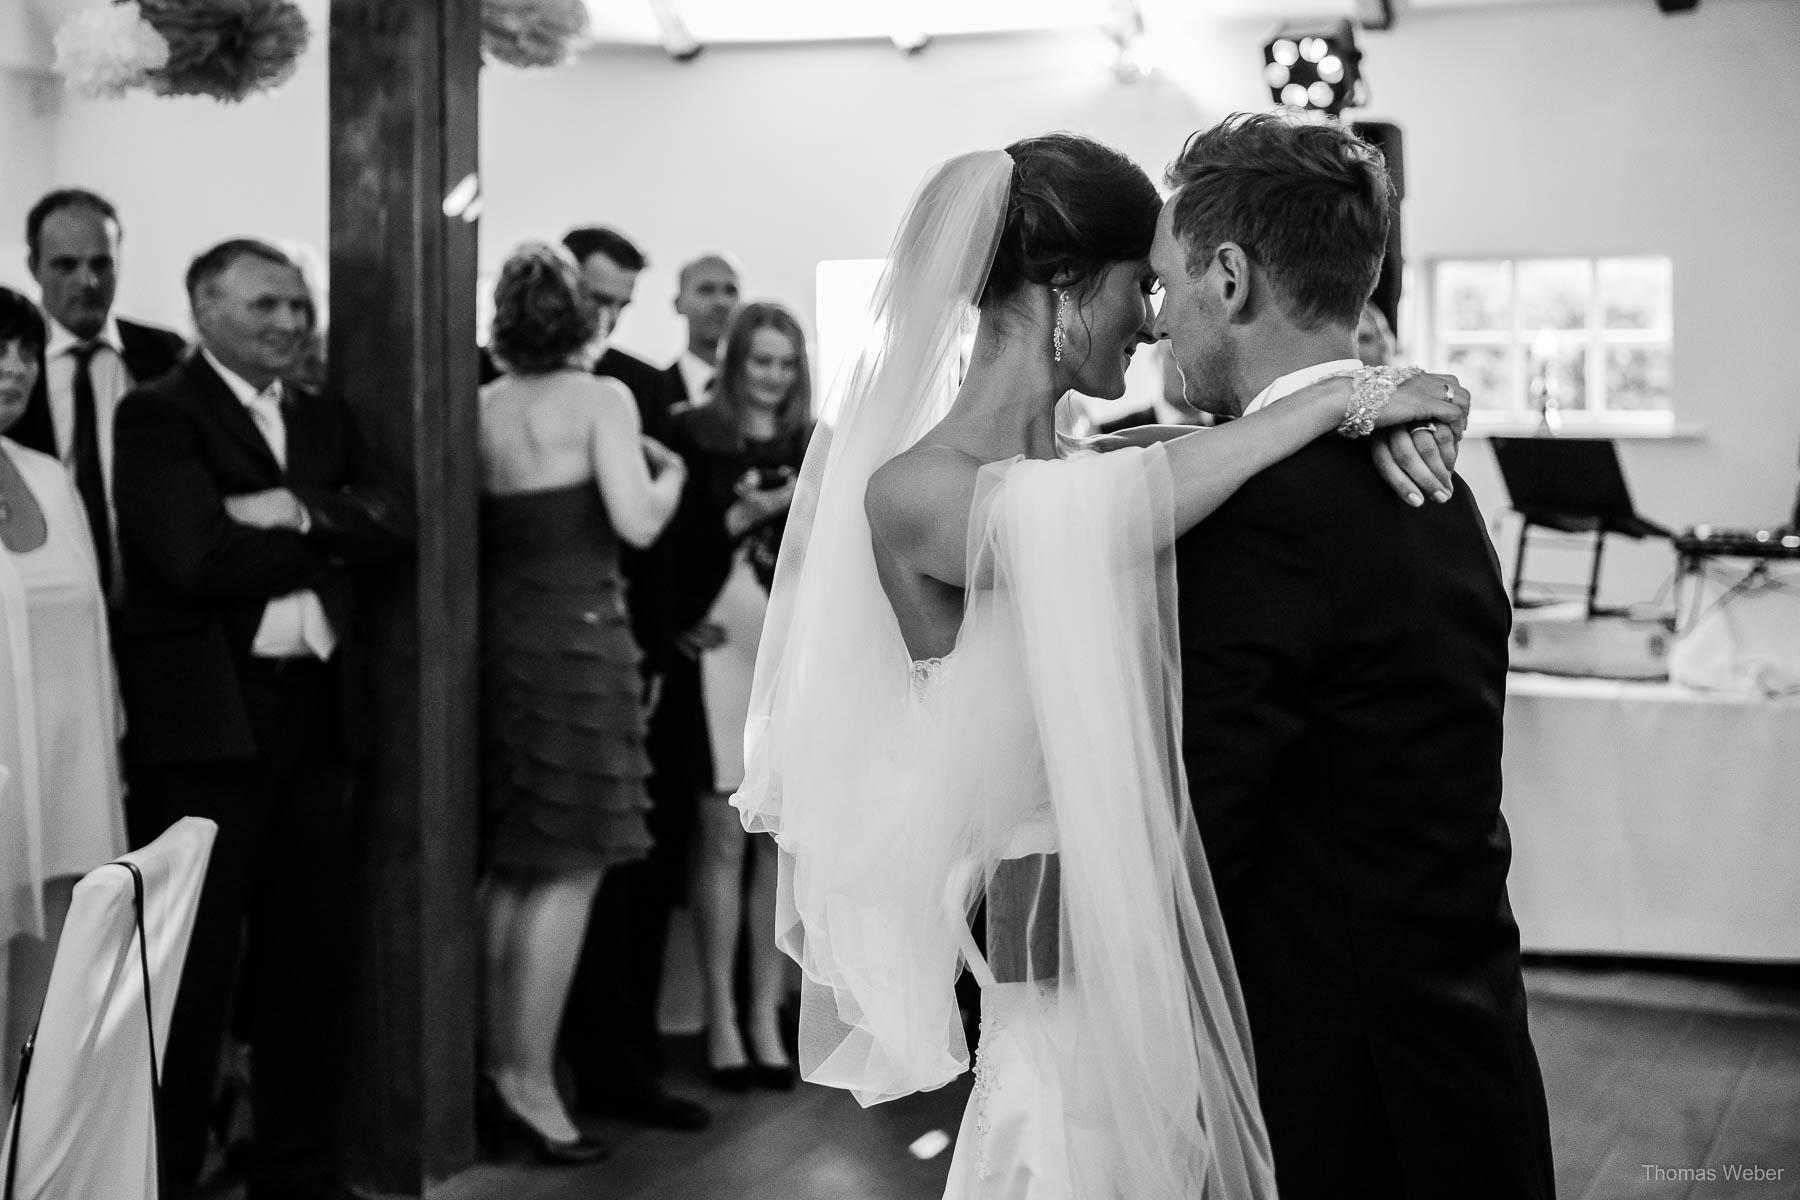 Hochzeitsfeier Hochzeitsfotograf Ostfriesland